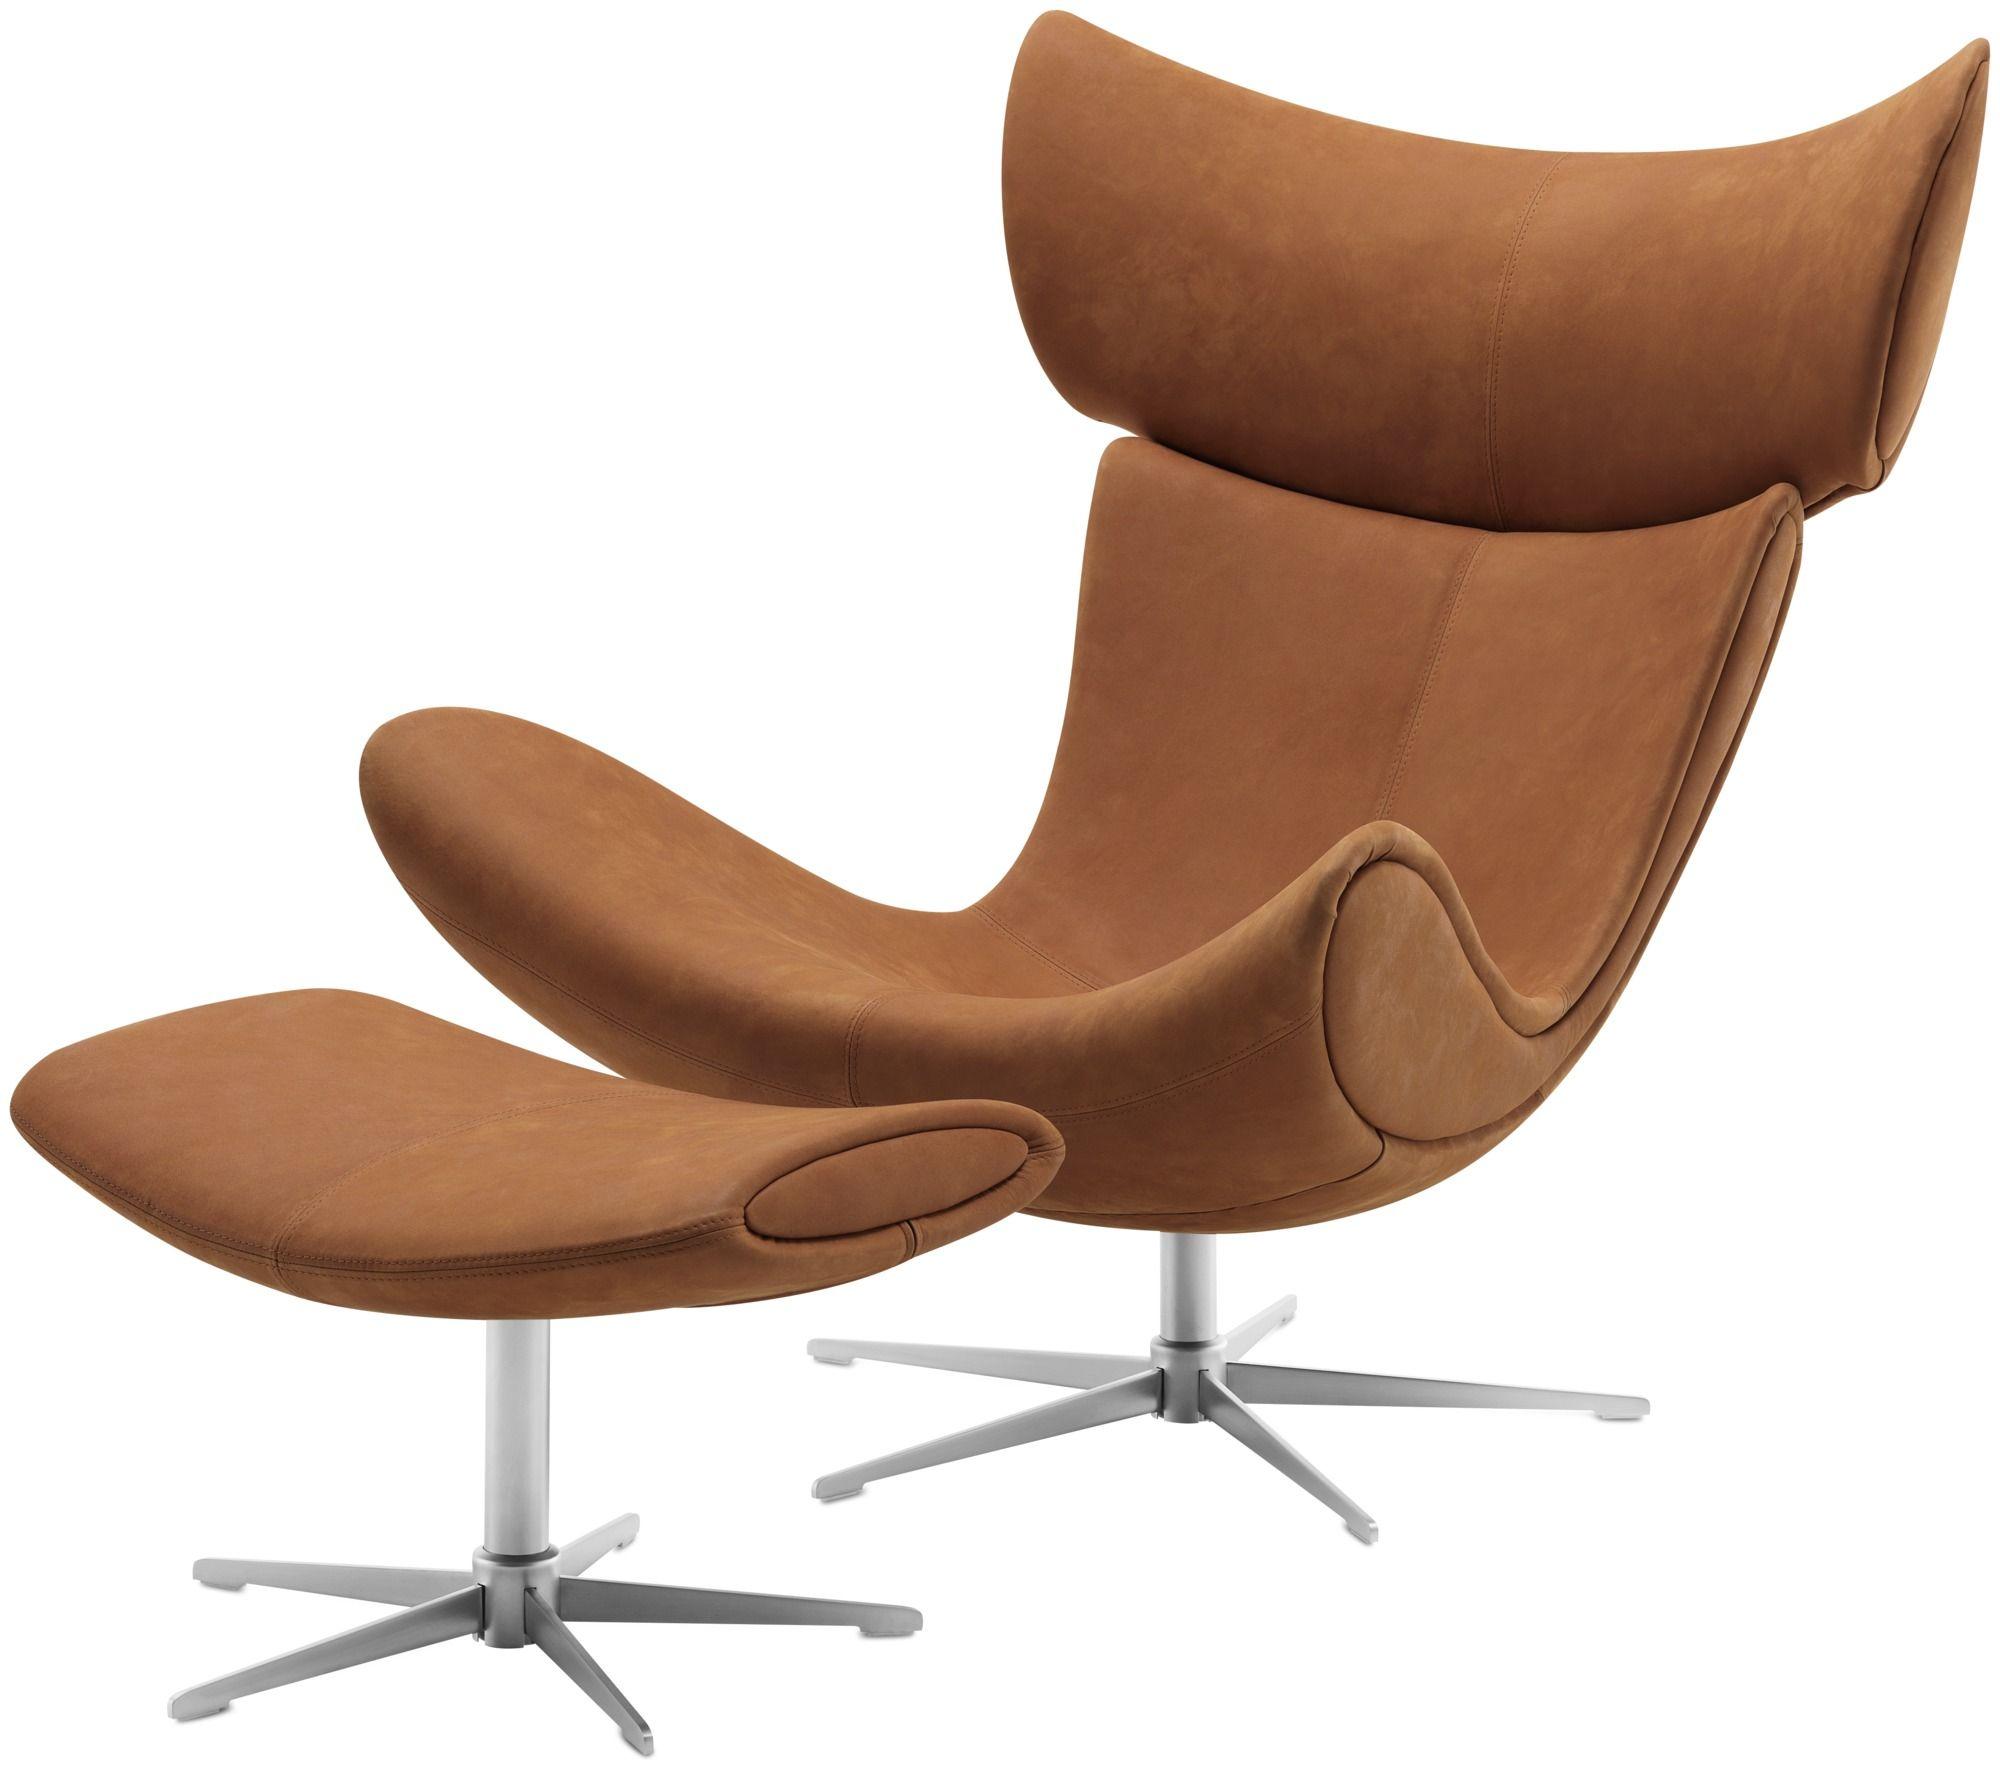 BoConcept®, Imola   Wohnzimmer sessel, Moderne sessel, Sessel